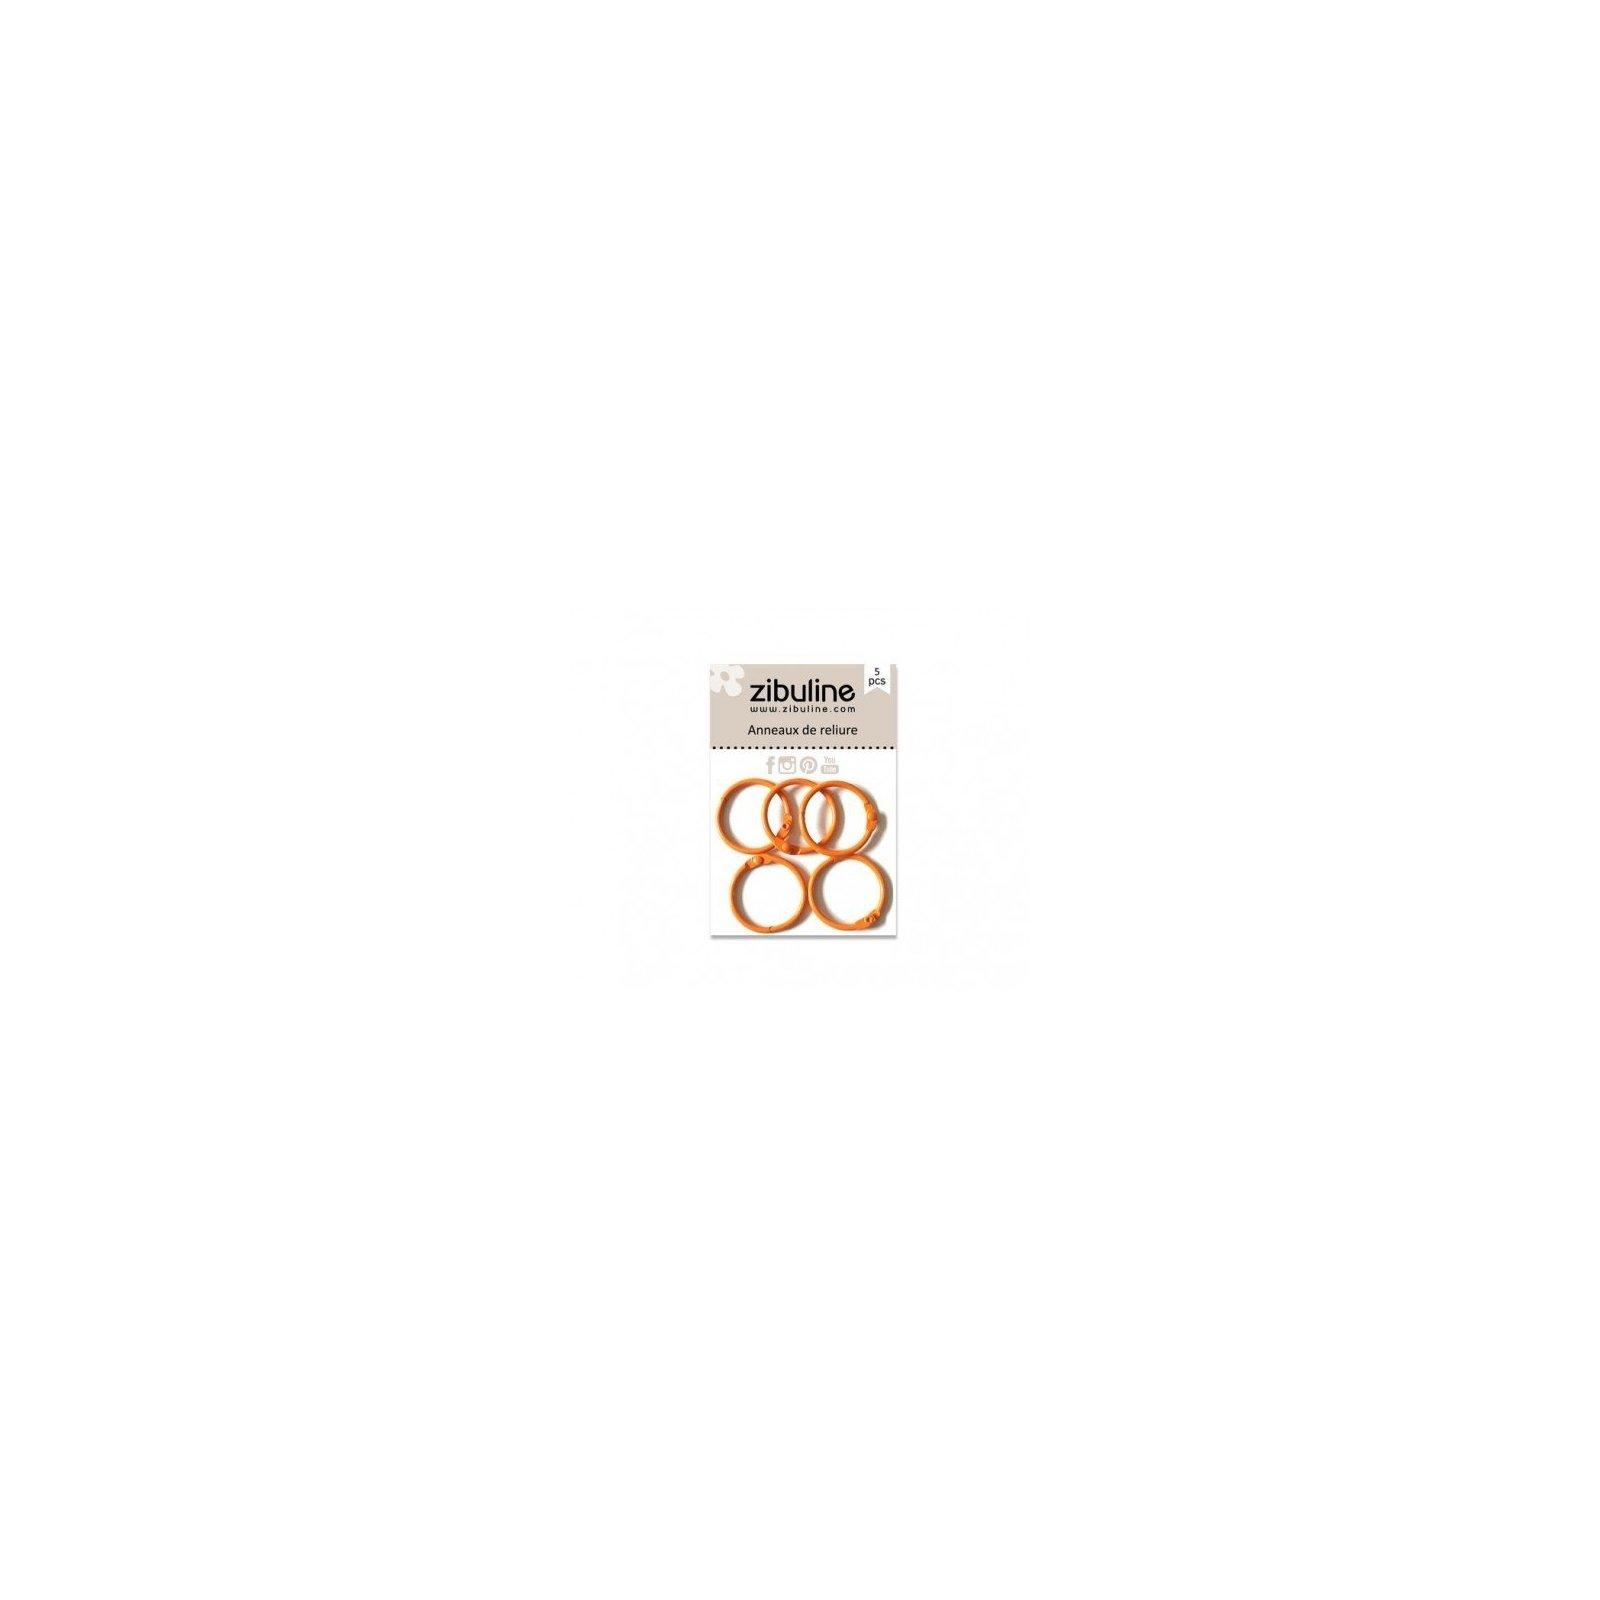 Anneaux de reliure 25 mm - Orange - Zibuline